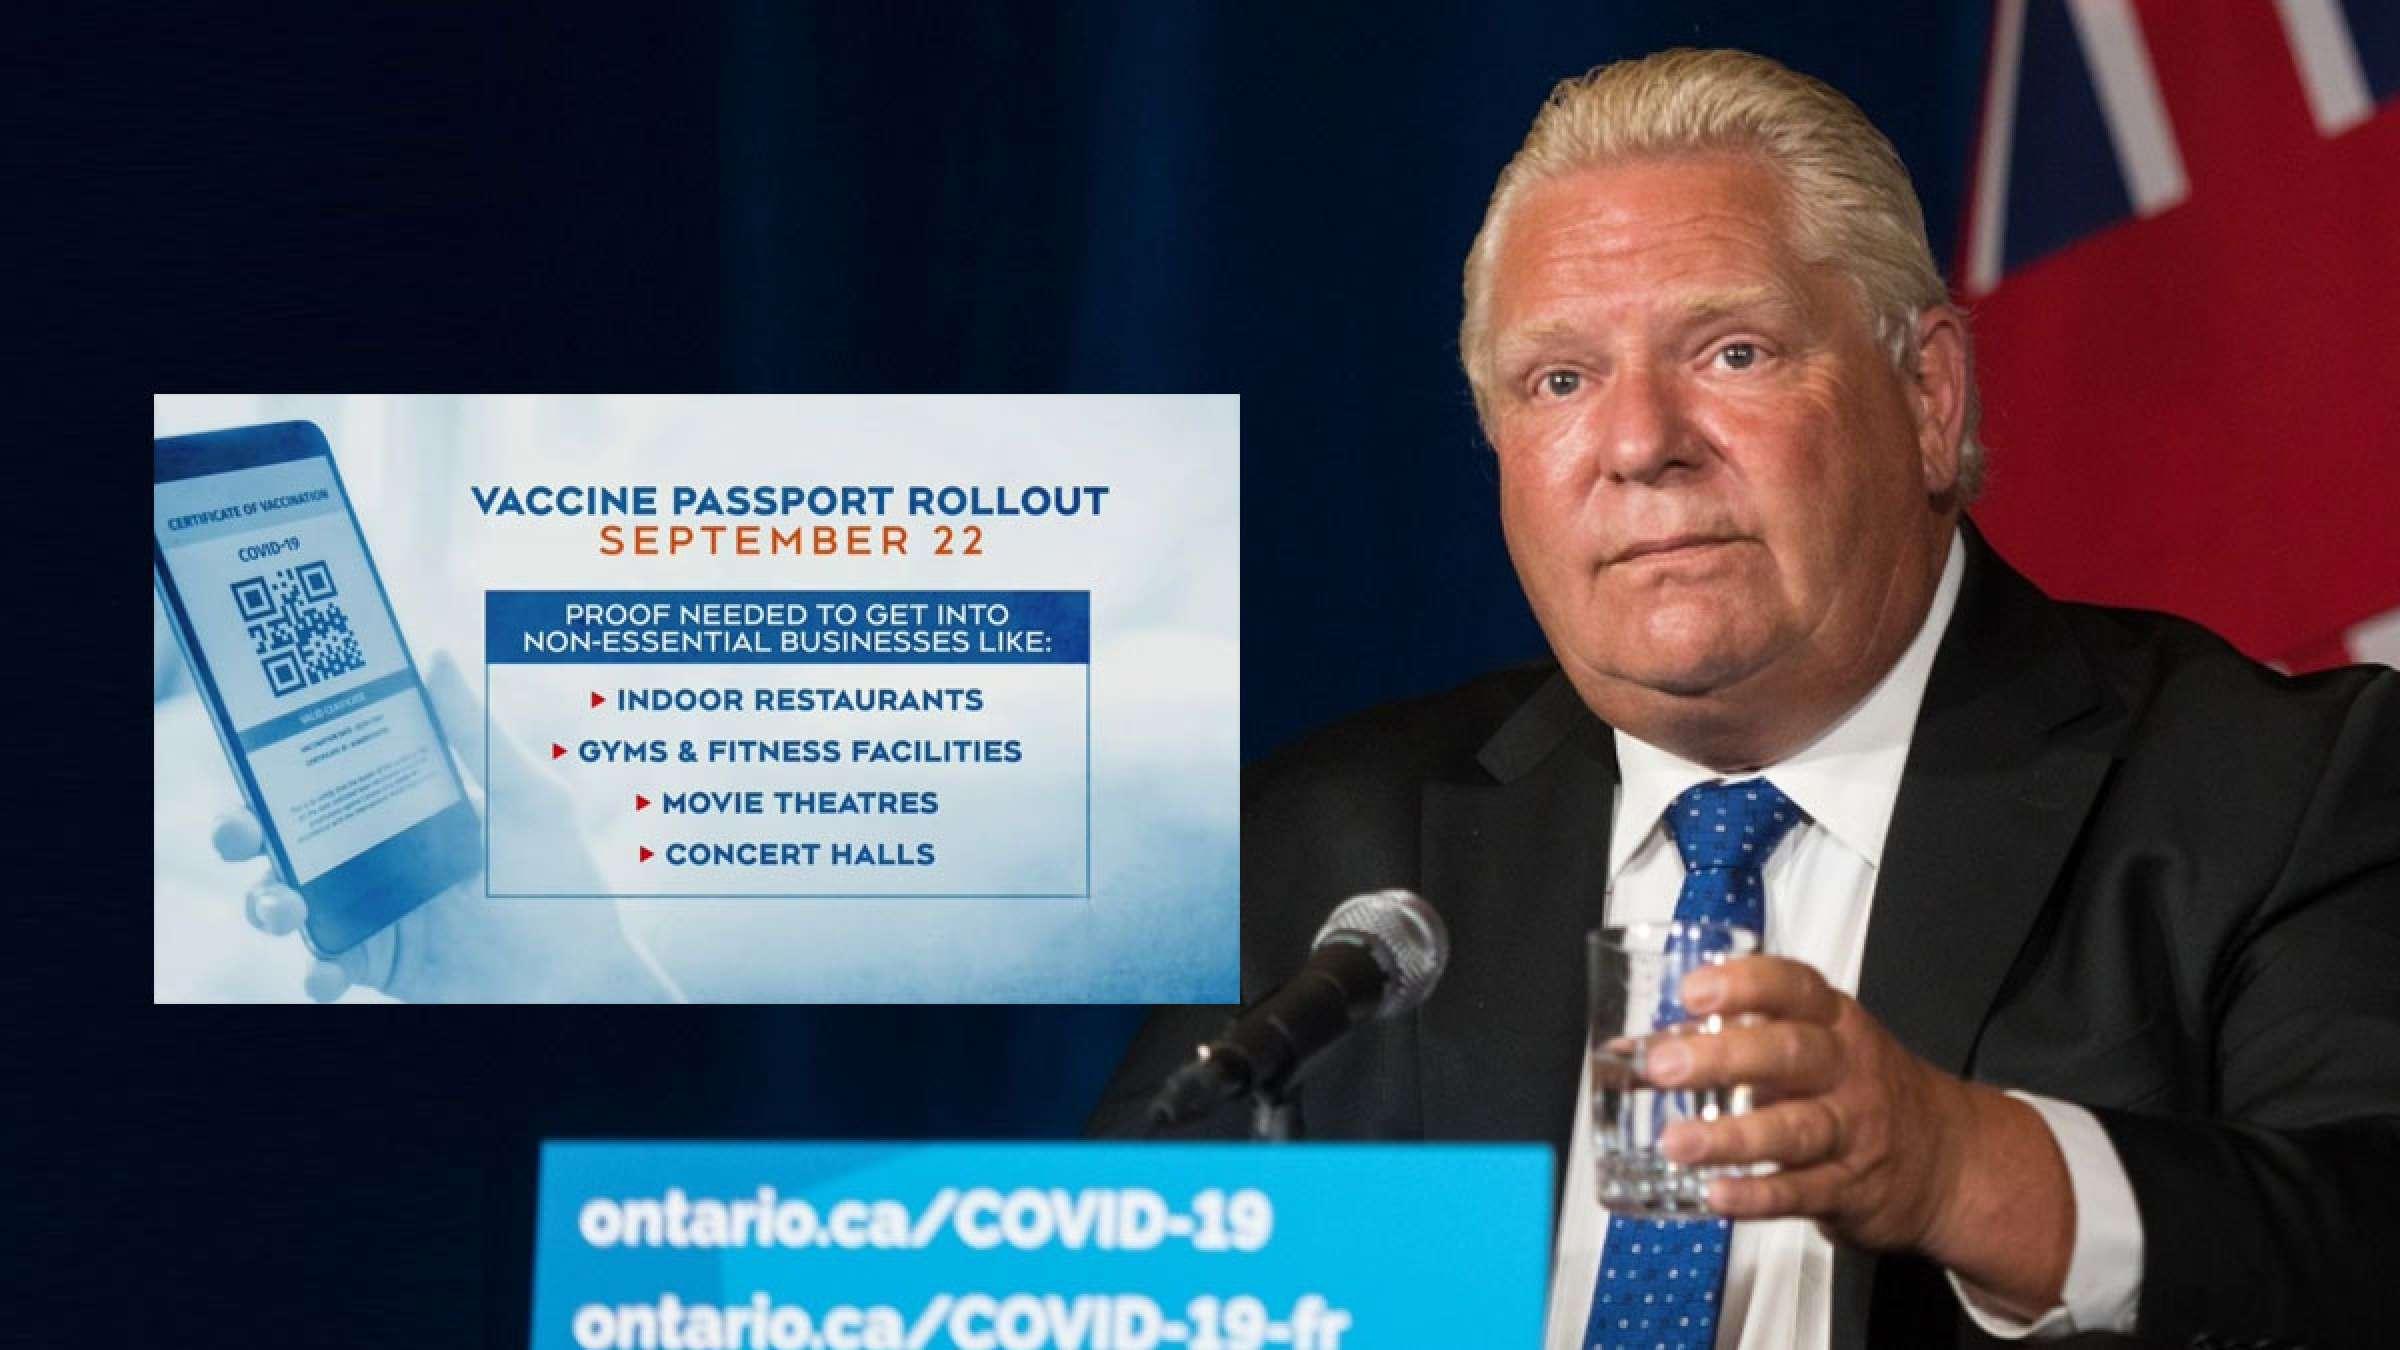 خبر-تورنتو-پاسپورت-واکسیناسیون-کرونا-در-انتاریو-از-۲۲-سپتامبر-اجباری-شد